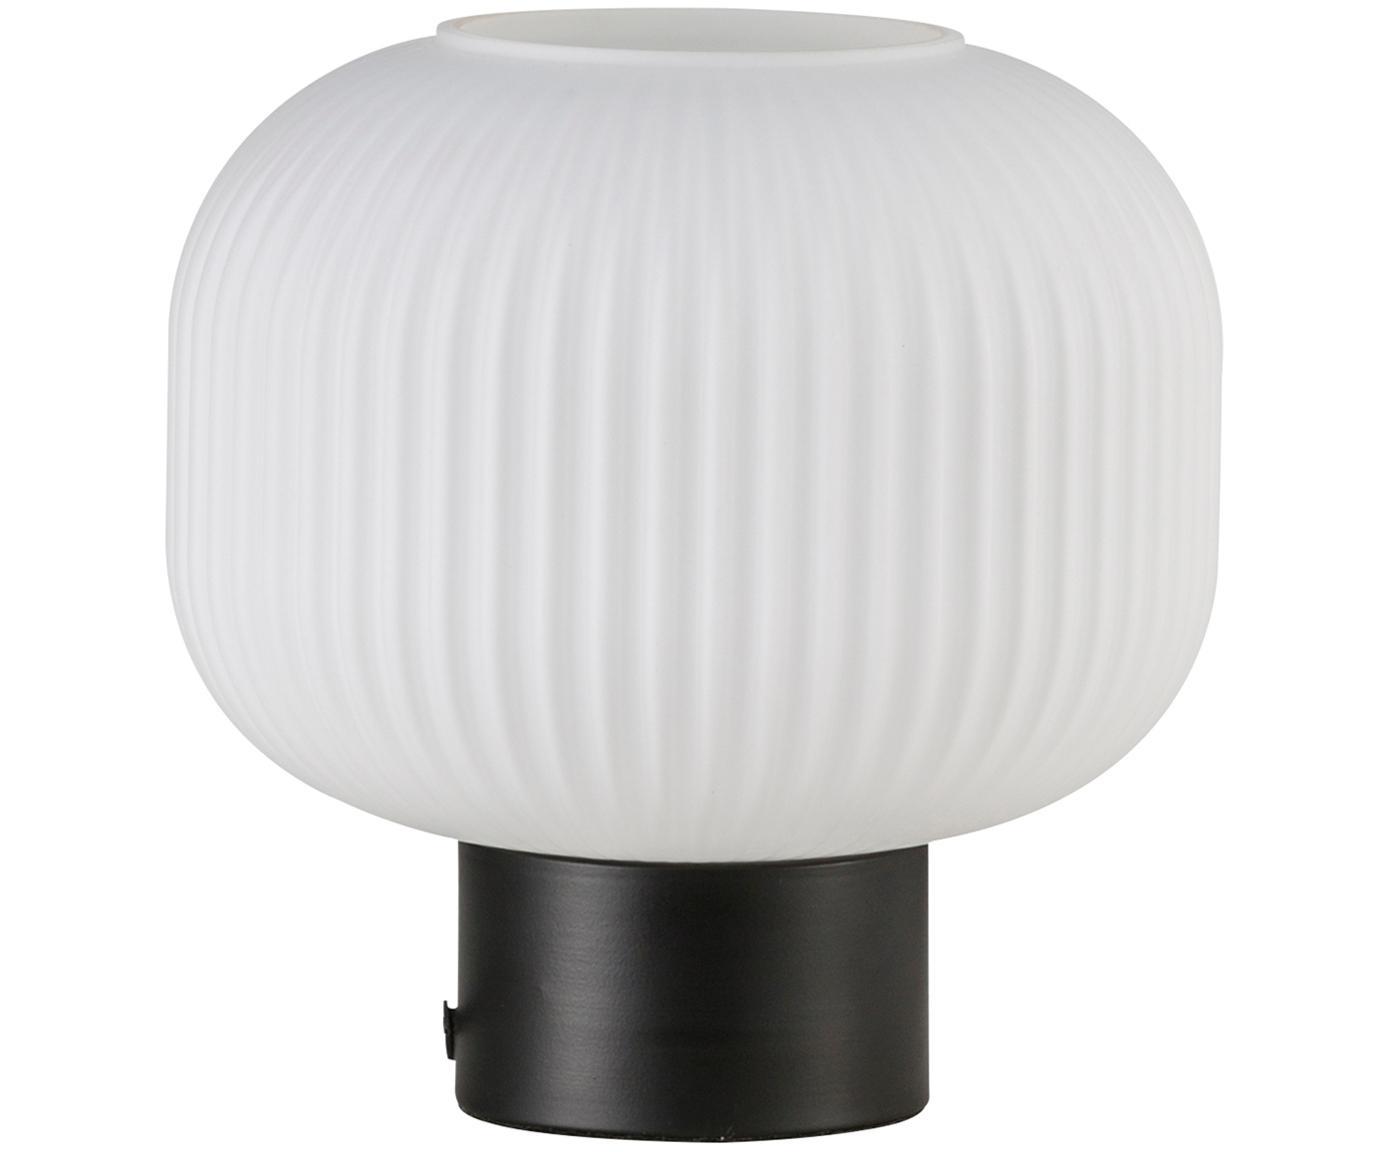 Tischleuchte Milford, Lampenschirm: Opalglas, Schwarz, Opalweiss, Ø 20 x H 20 cm